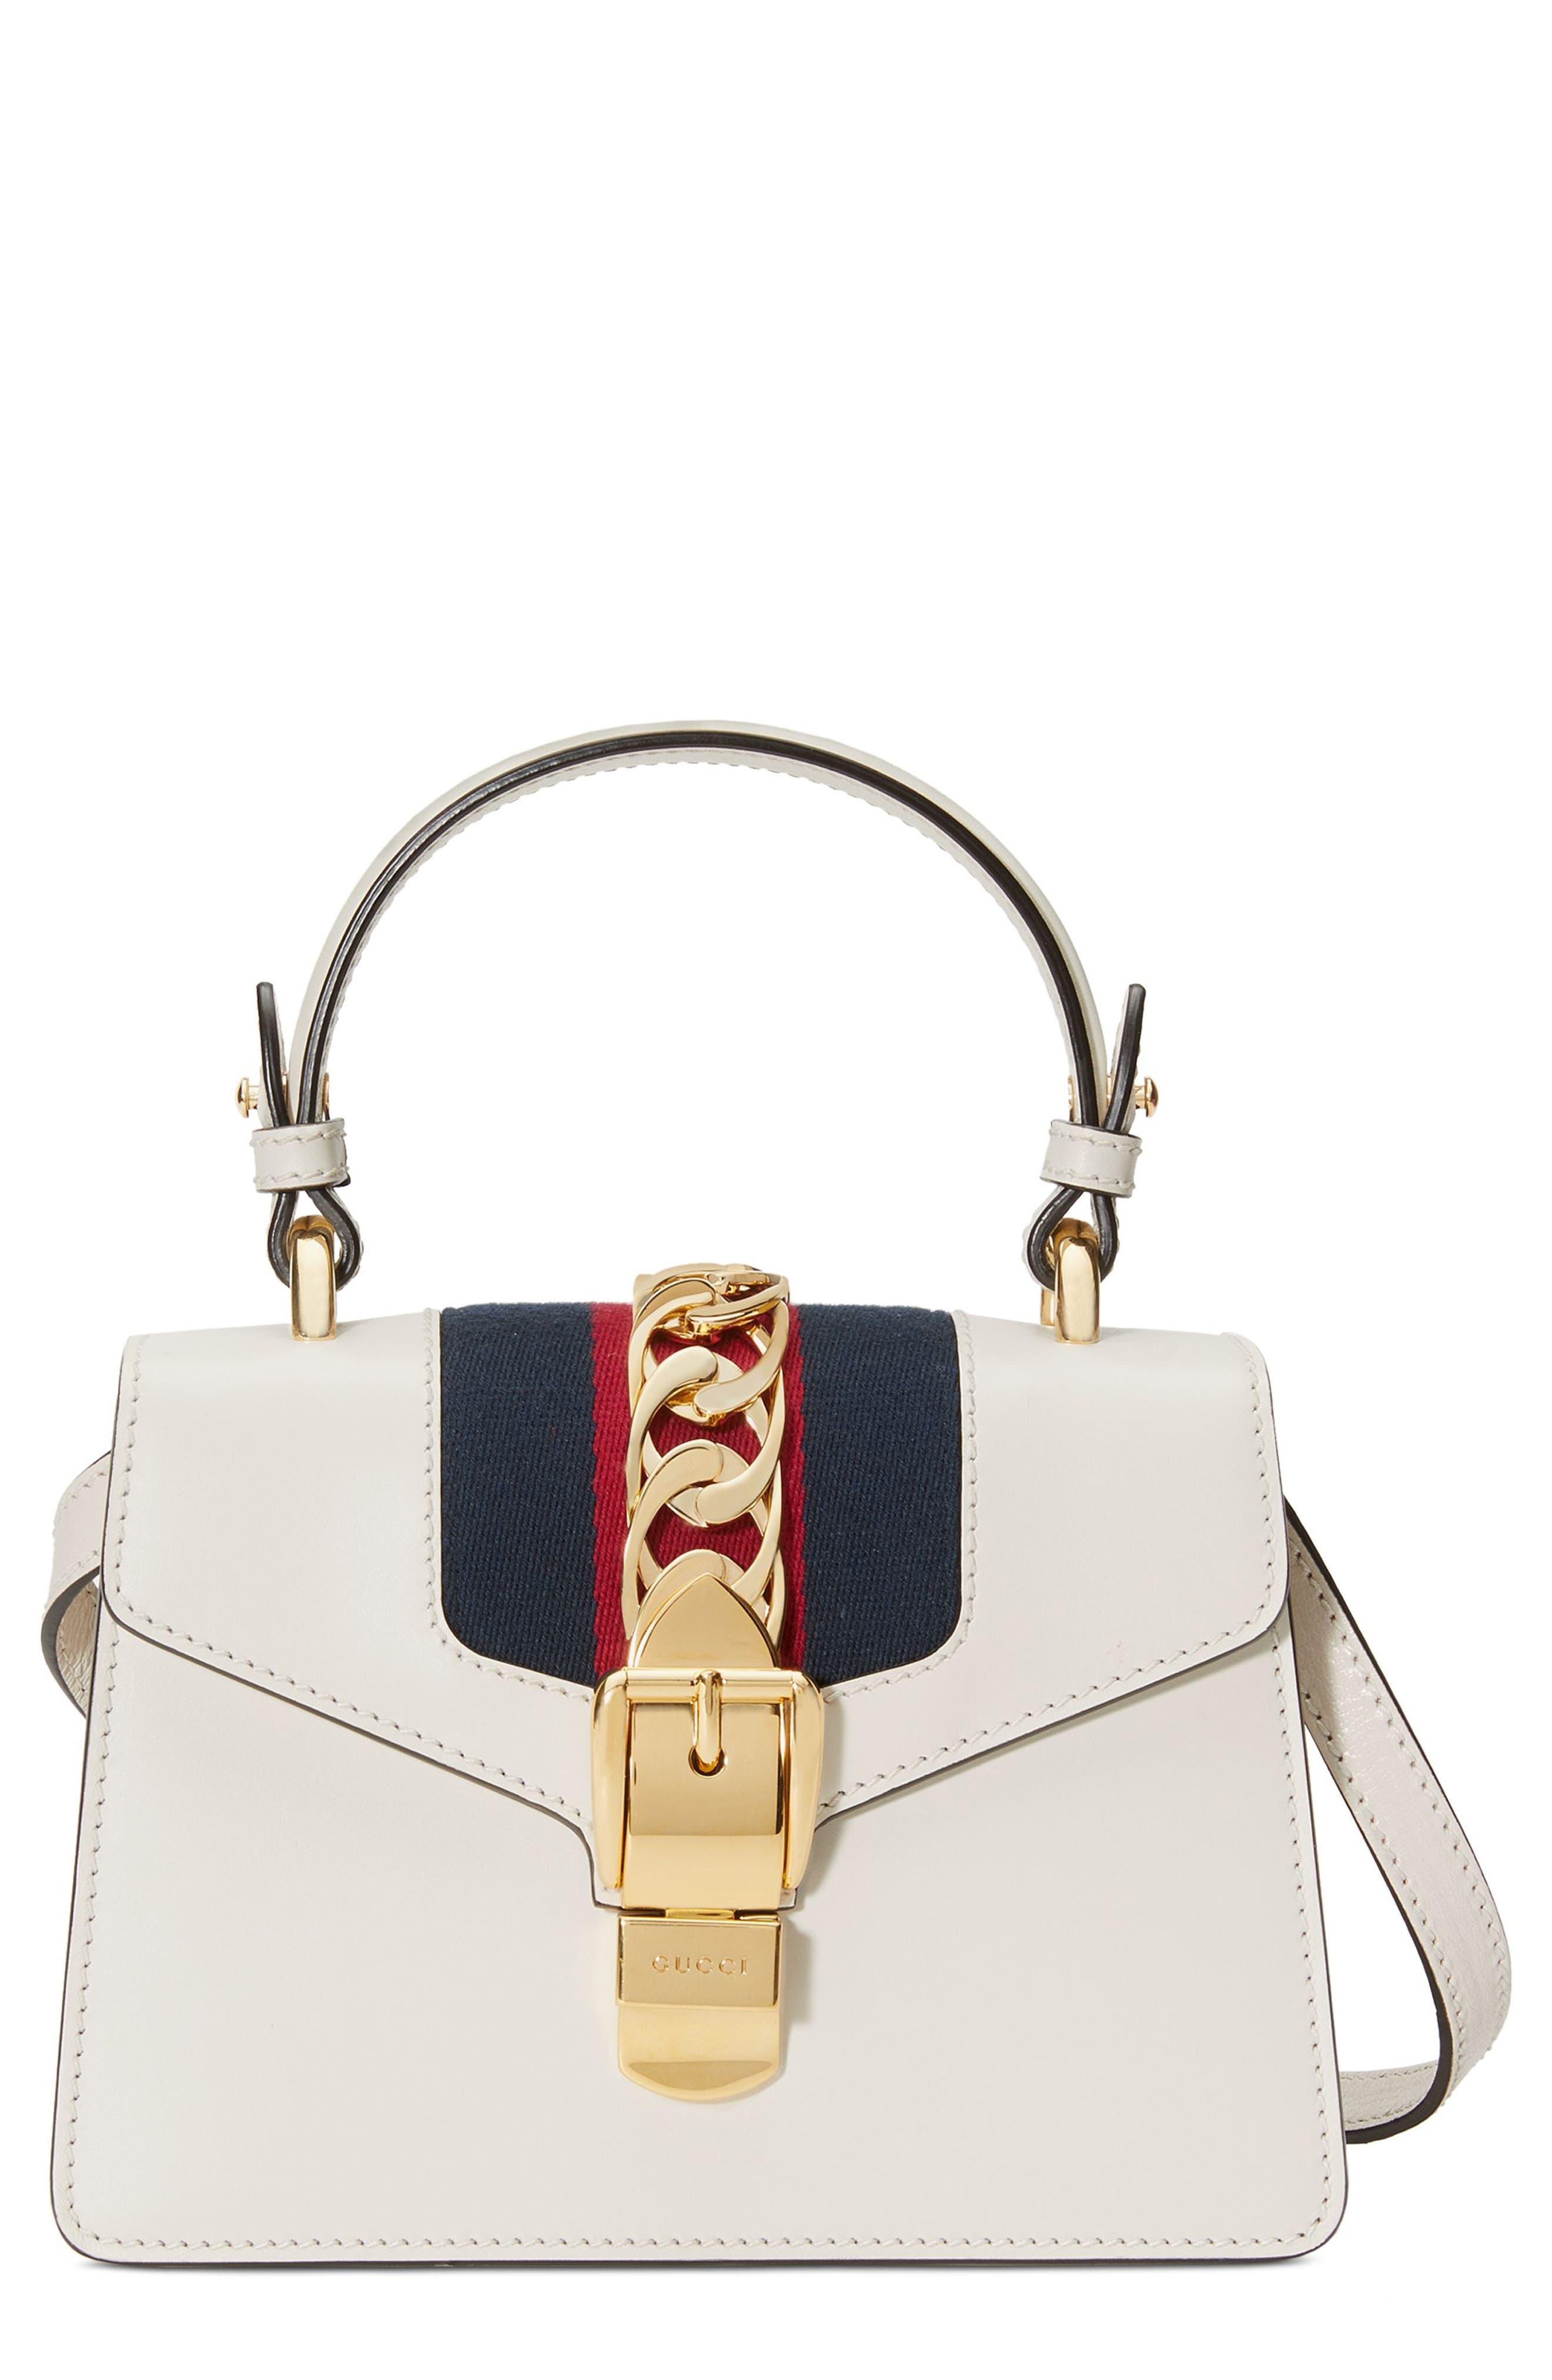 Mini Sylvie Top Handle Leather Shoulder Bag,                         Main,                         color, MYSTIC WHITE